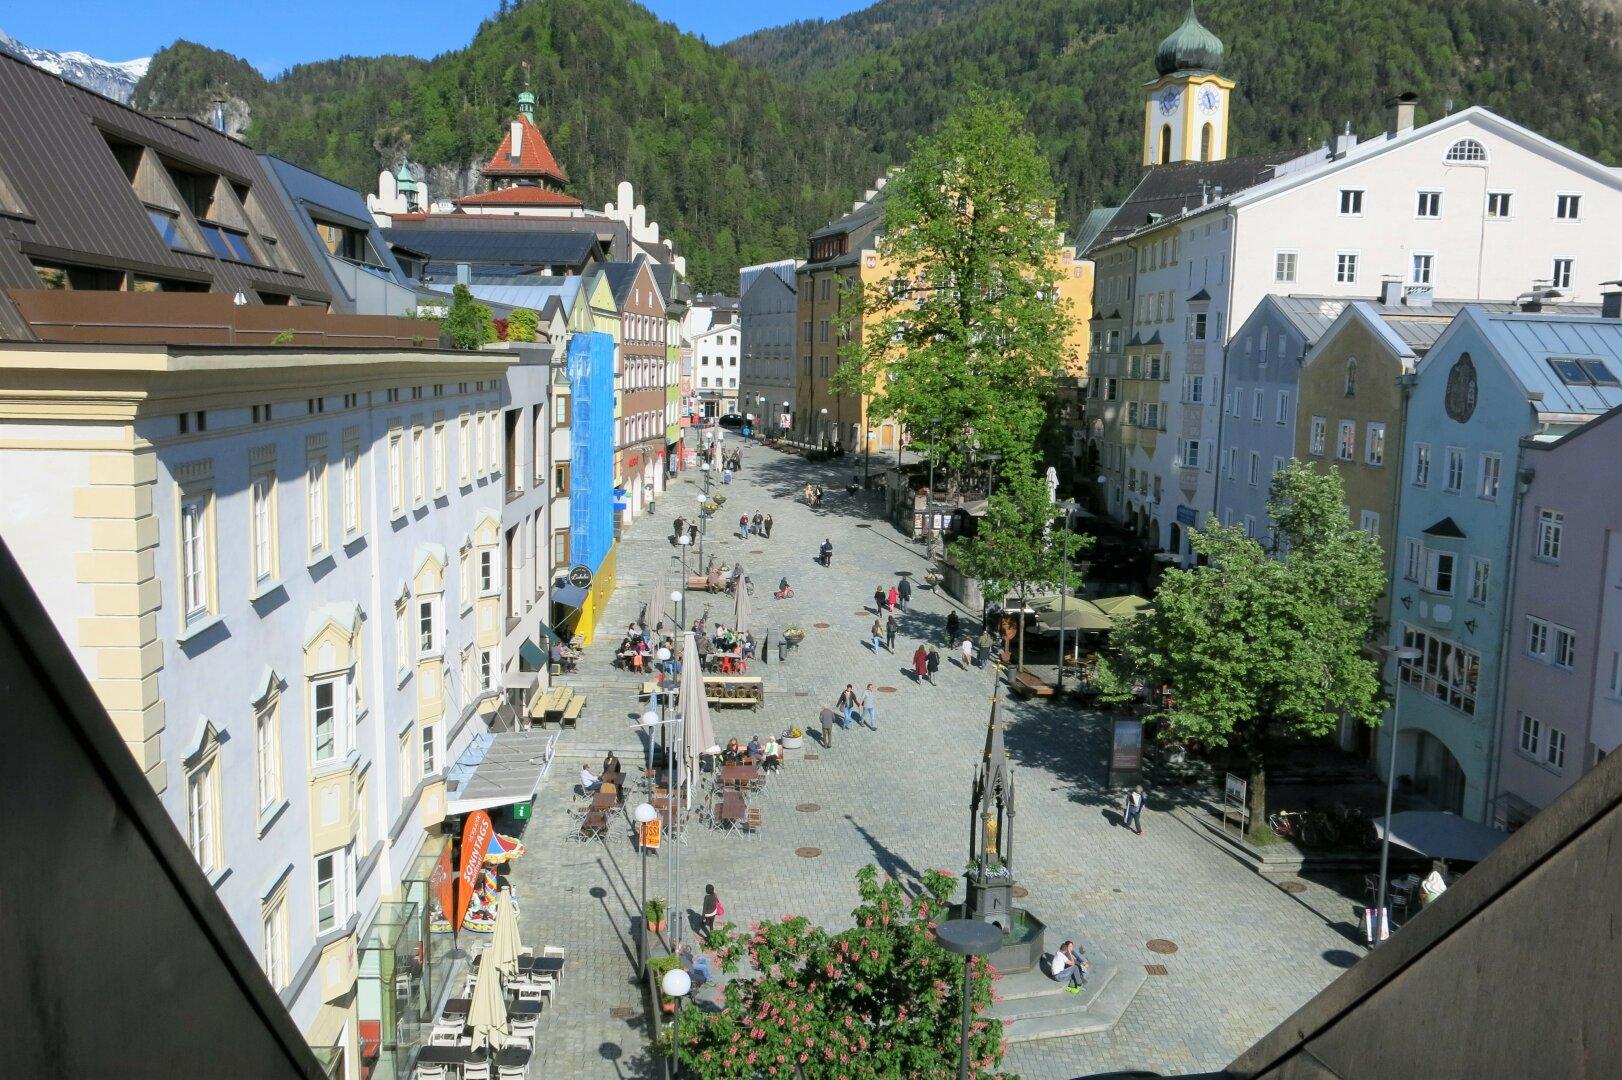 Mietwohnung Kufstein, Ausblick Unterer Stadtplatz